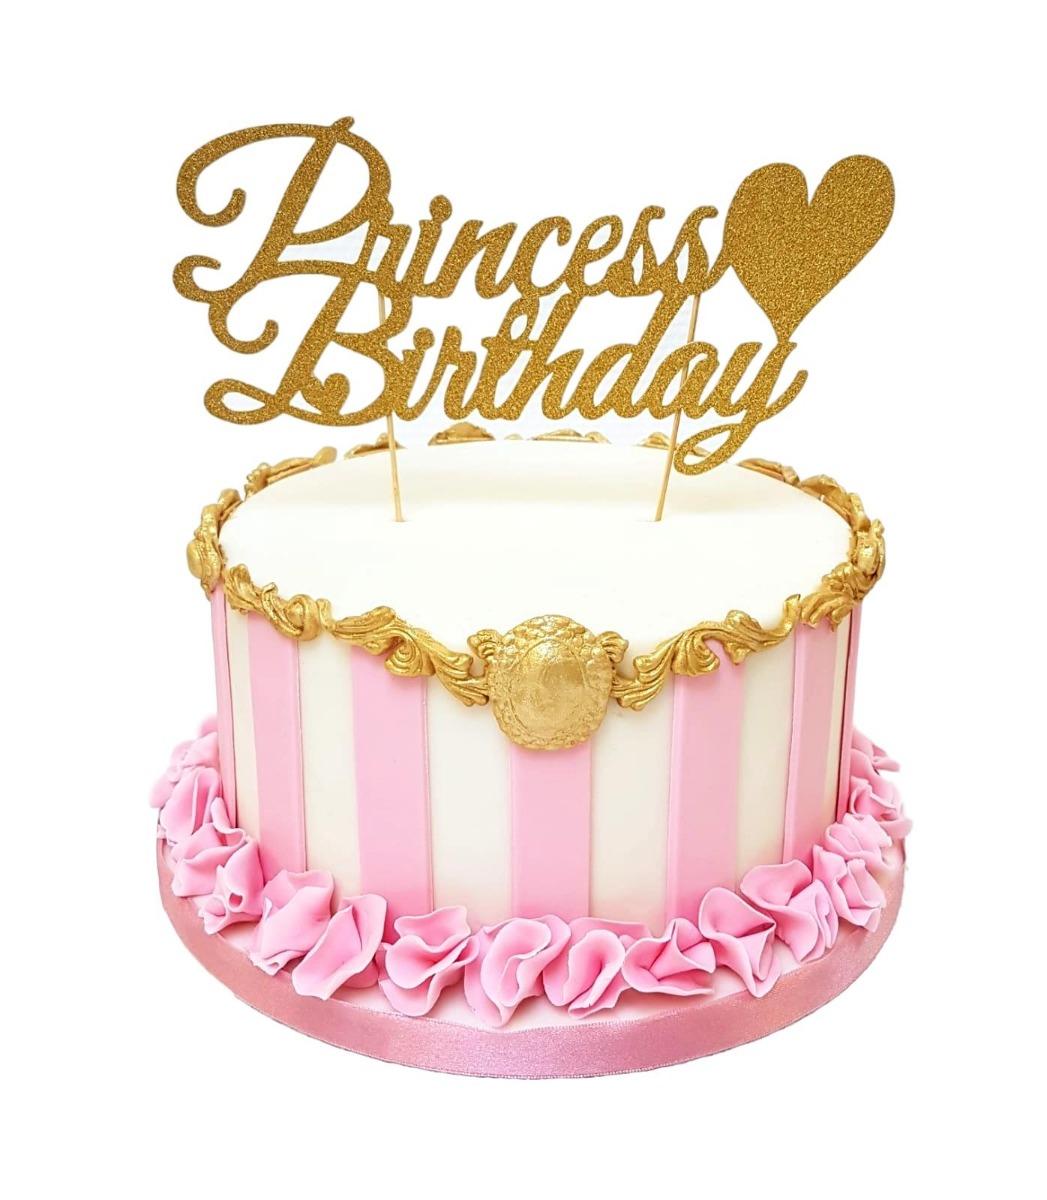 Princess caketopper